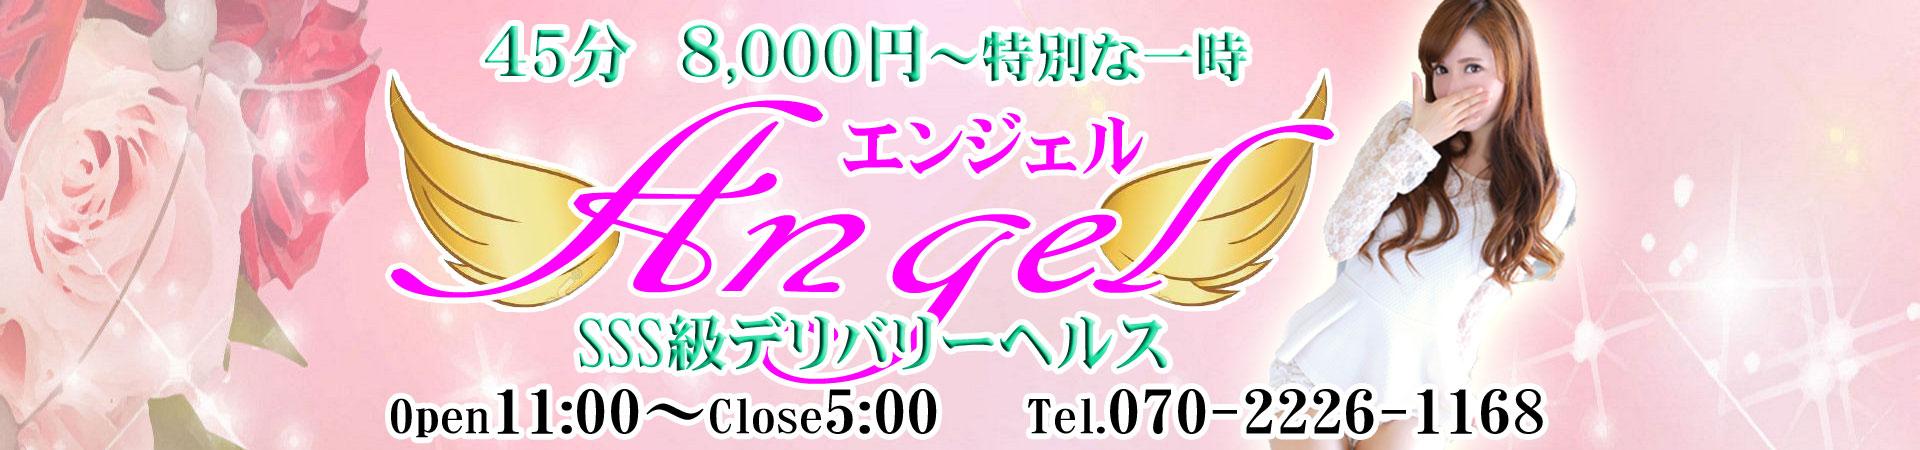 【エンジェル】安城発/デリバリーヘルス